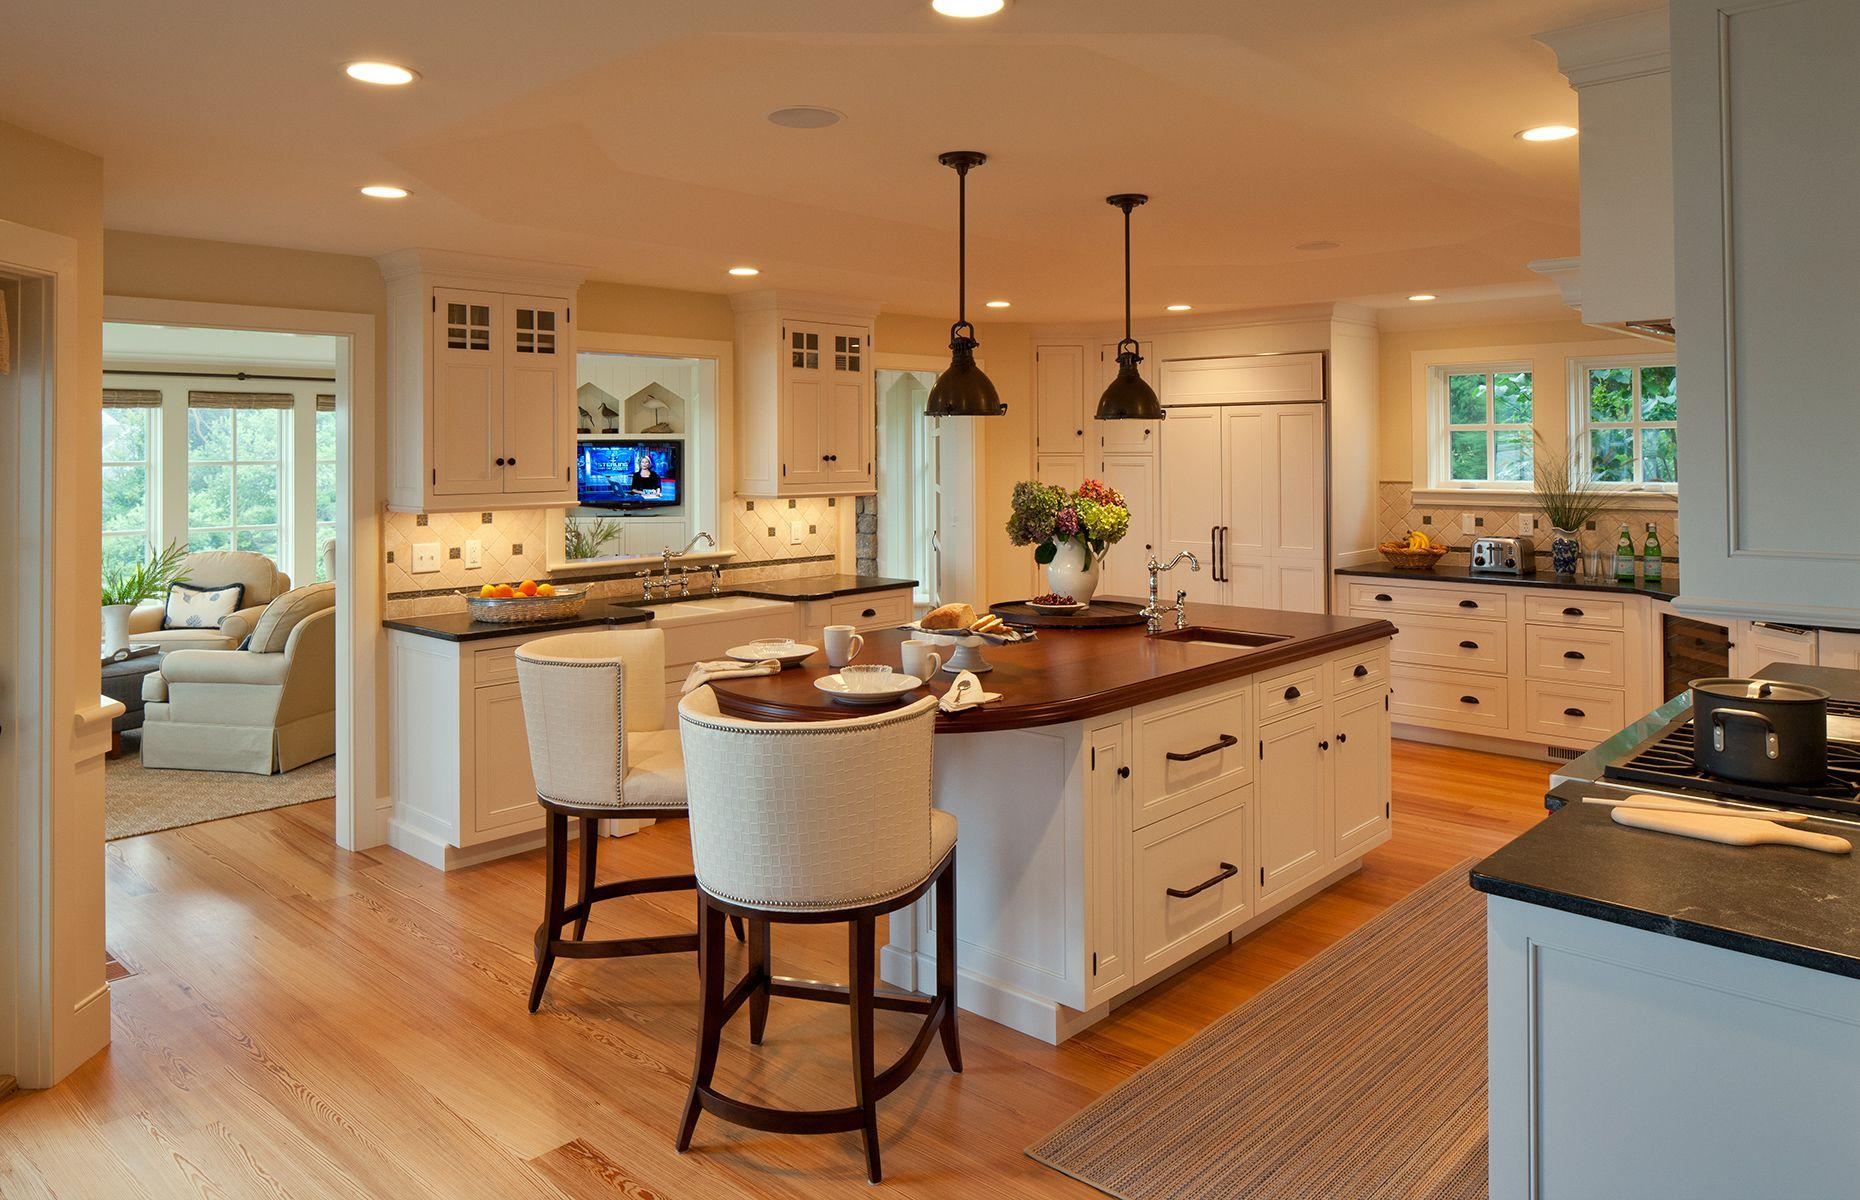 kitchens classic kitchen interiors kitchen interior classic kitchens shingle style homes on kitchen interior classic id=29710